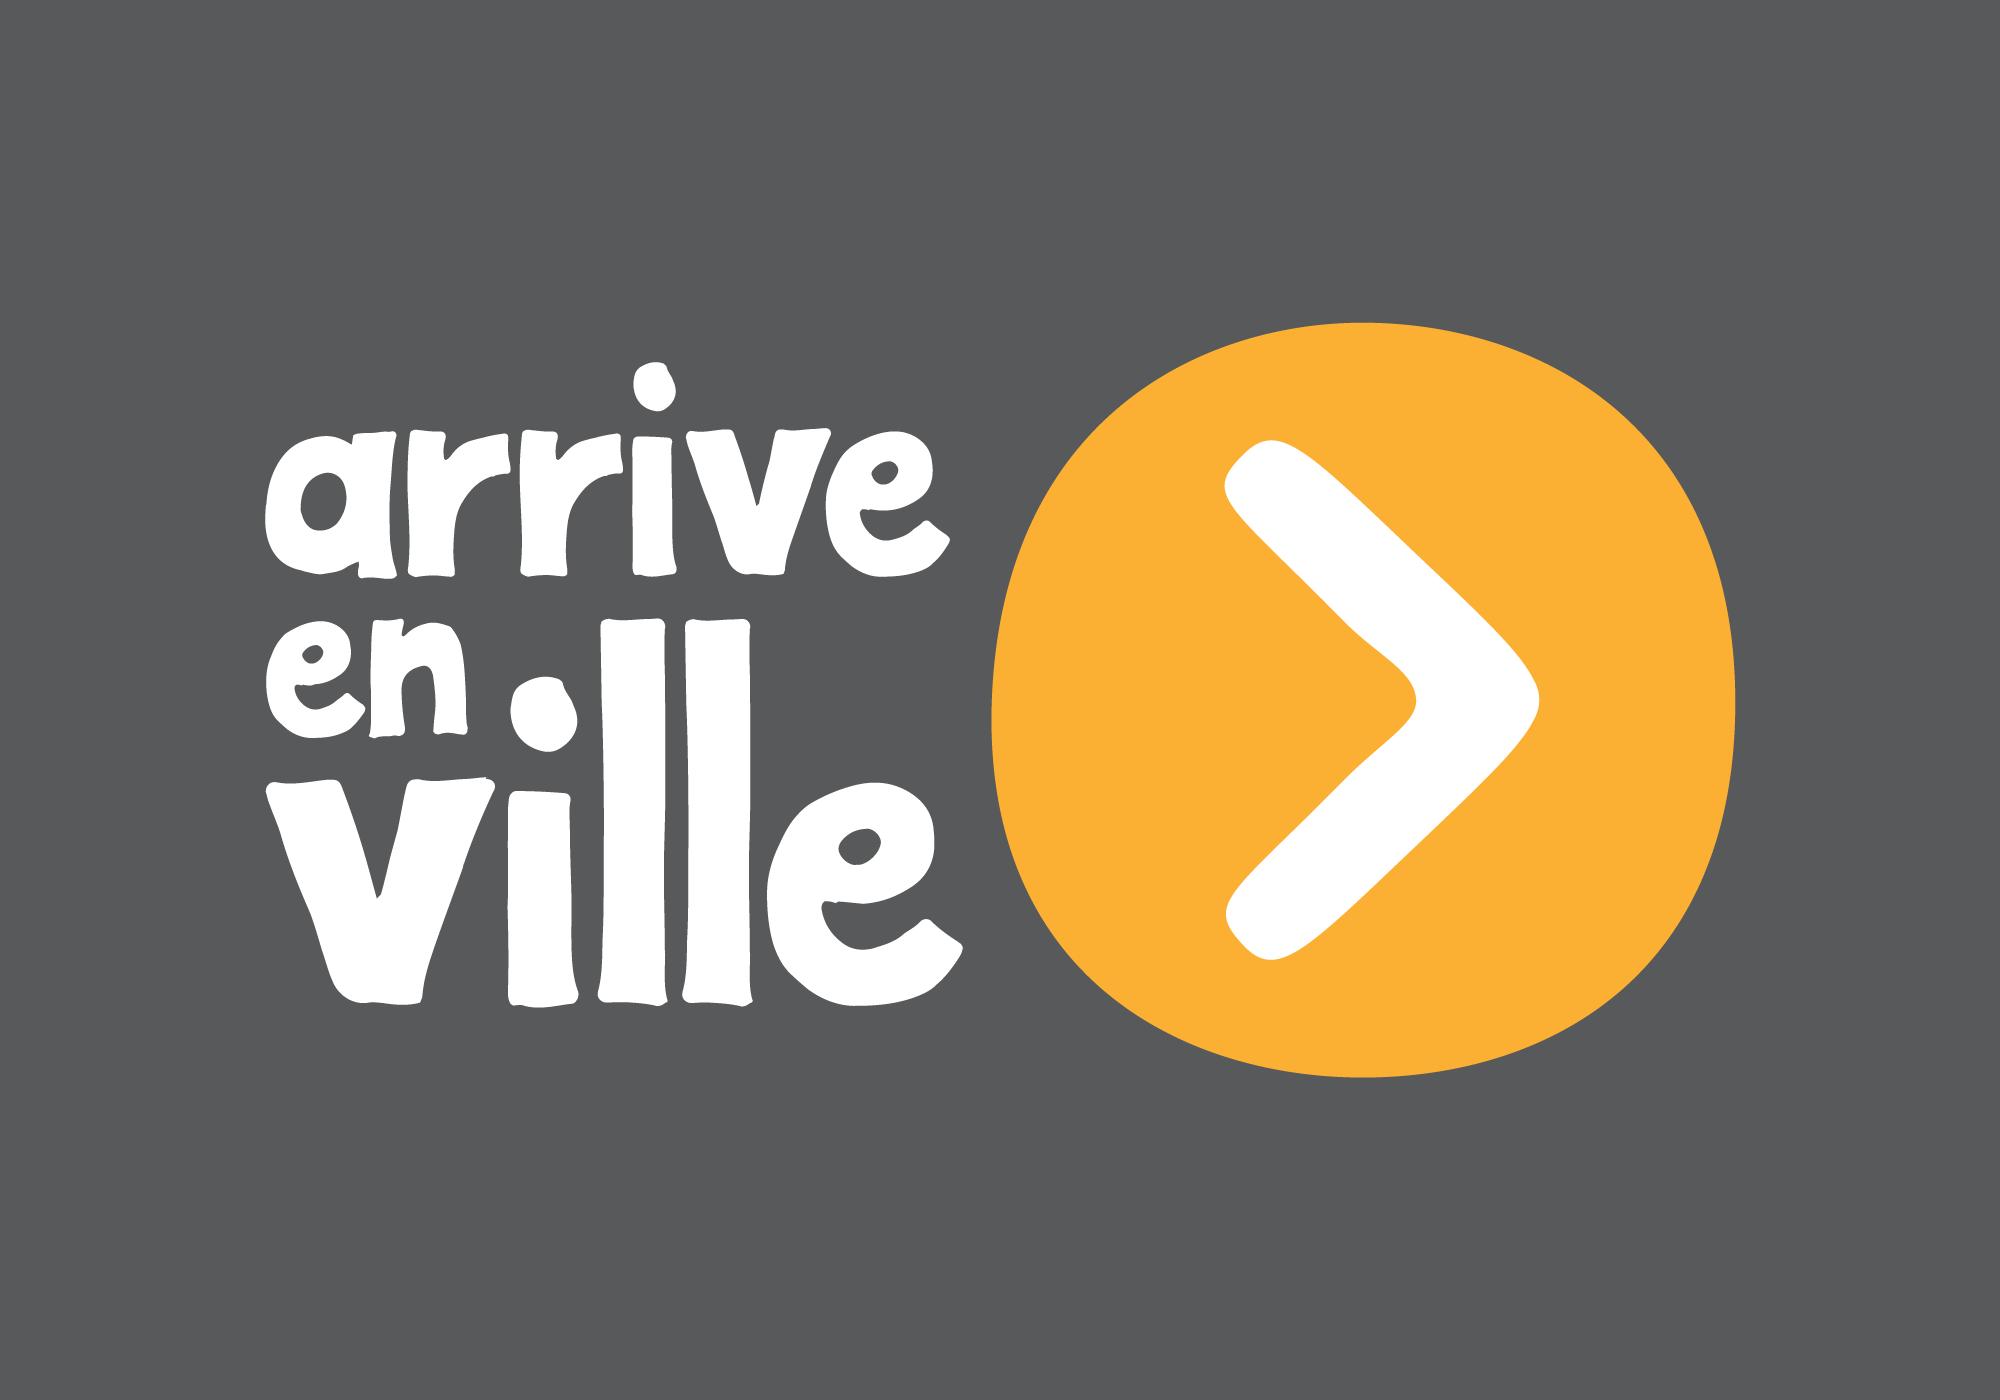 Avec Arrive en ville, la Ville de Victoriaville souhaite améliorer la qualité de vie de ses résidents en améliorant la mobilité de ses citoyens grâce à l'innovation, aux données et aux technologies connectées.